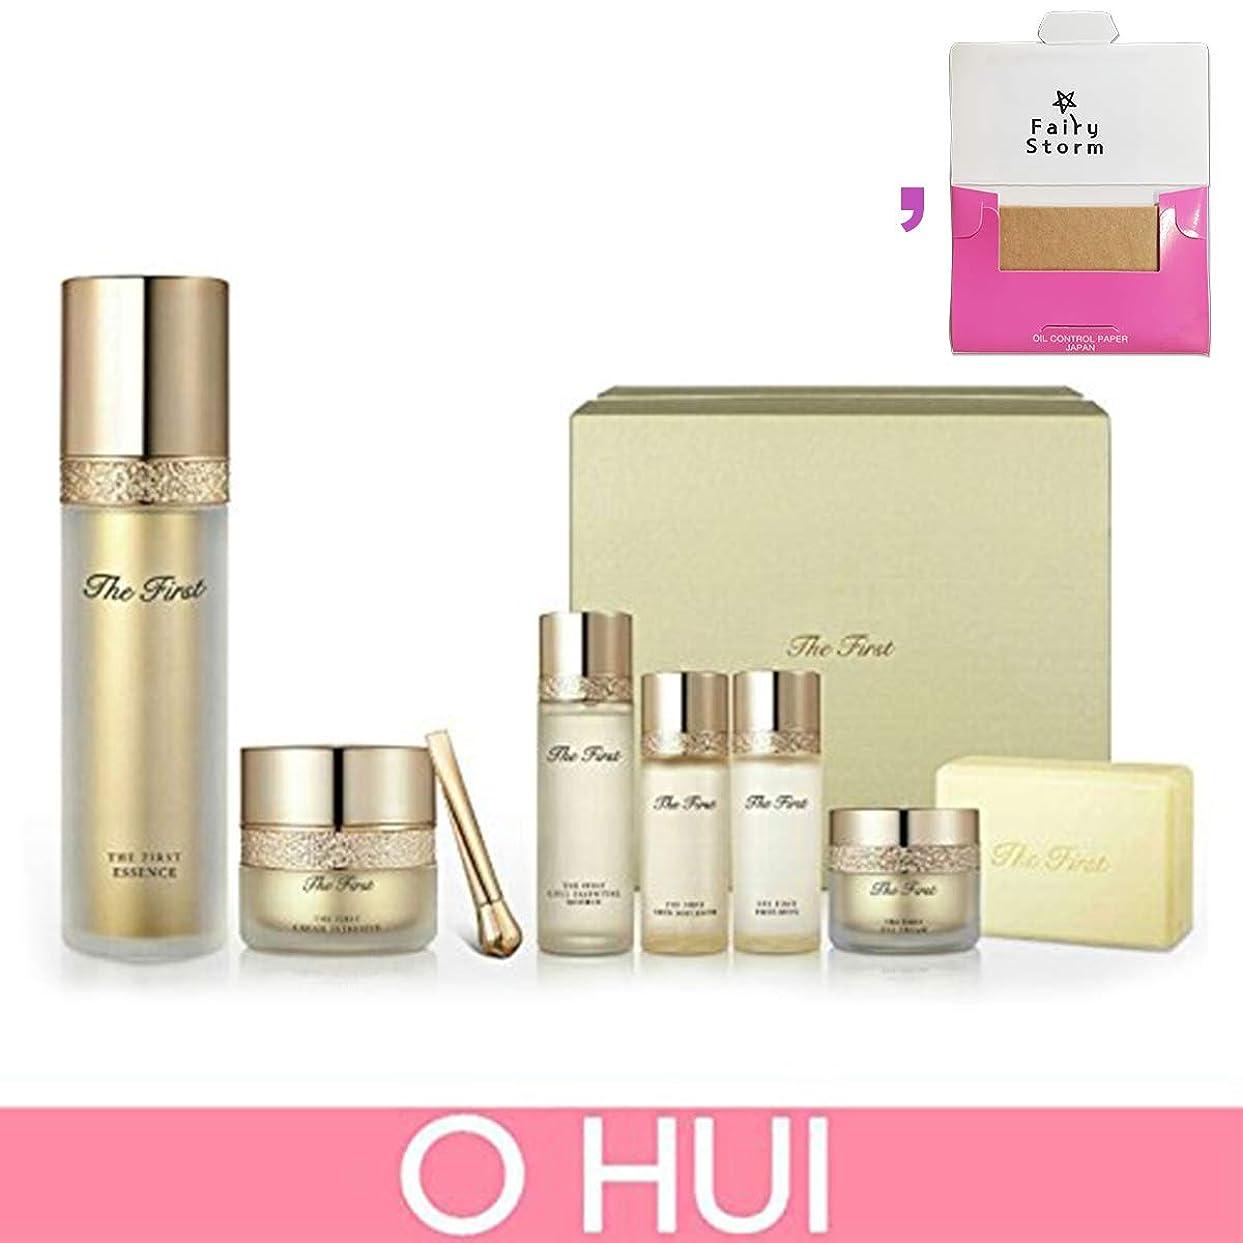 くちばし服弁護士[オフィ/O HUI]Ohui The First Essence Gold Edition Special Set 100ml /OH ザ ファースト エッセンス 100ml + [Sample Gift](海外直送品)